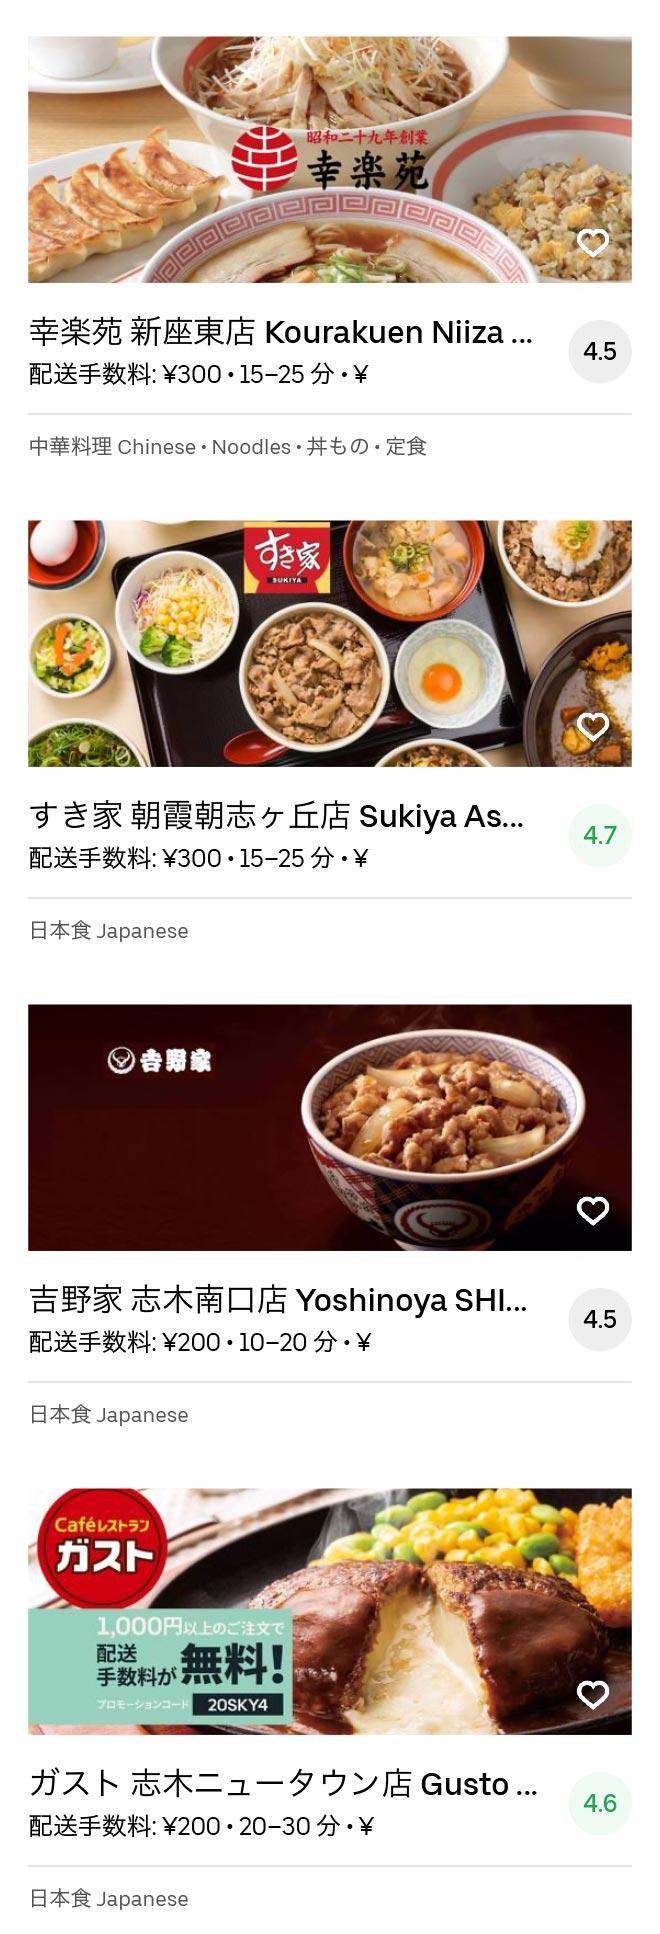 Shiki yanasegawa menu 2004 03